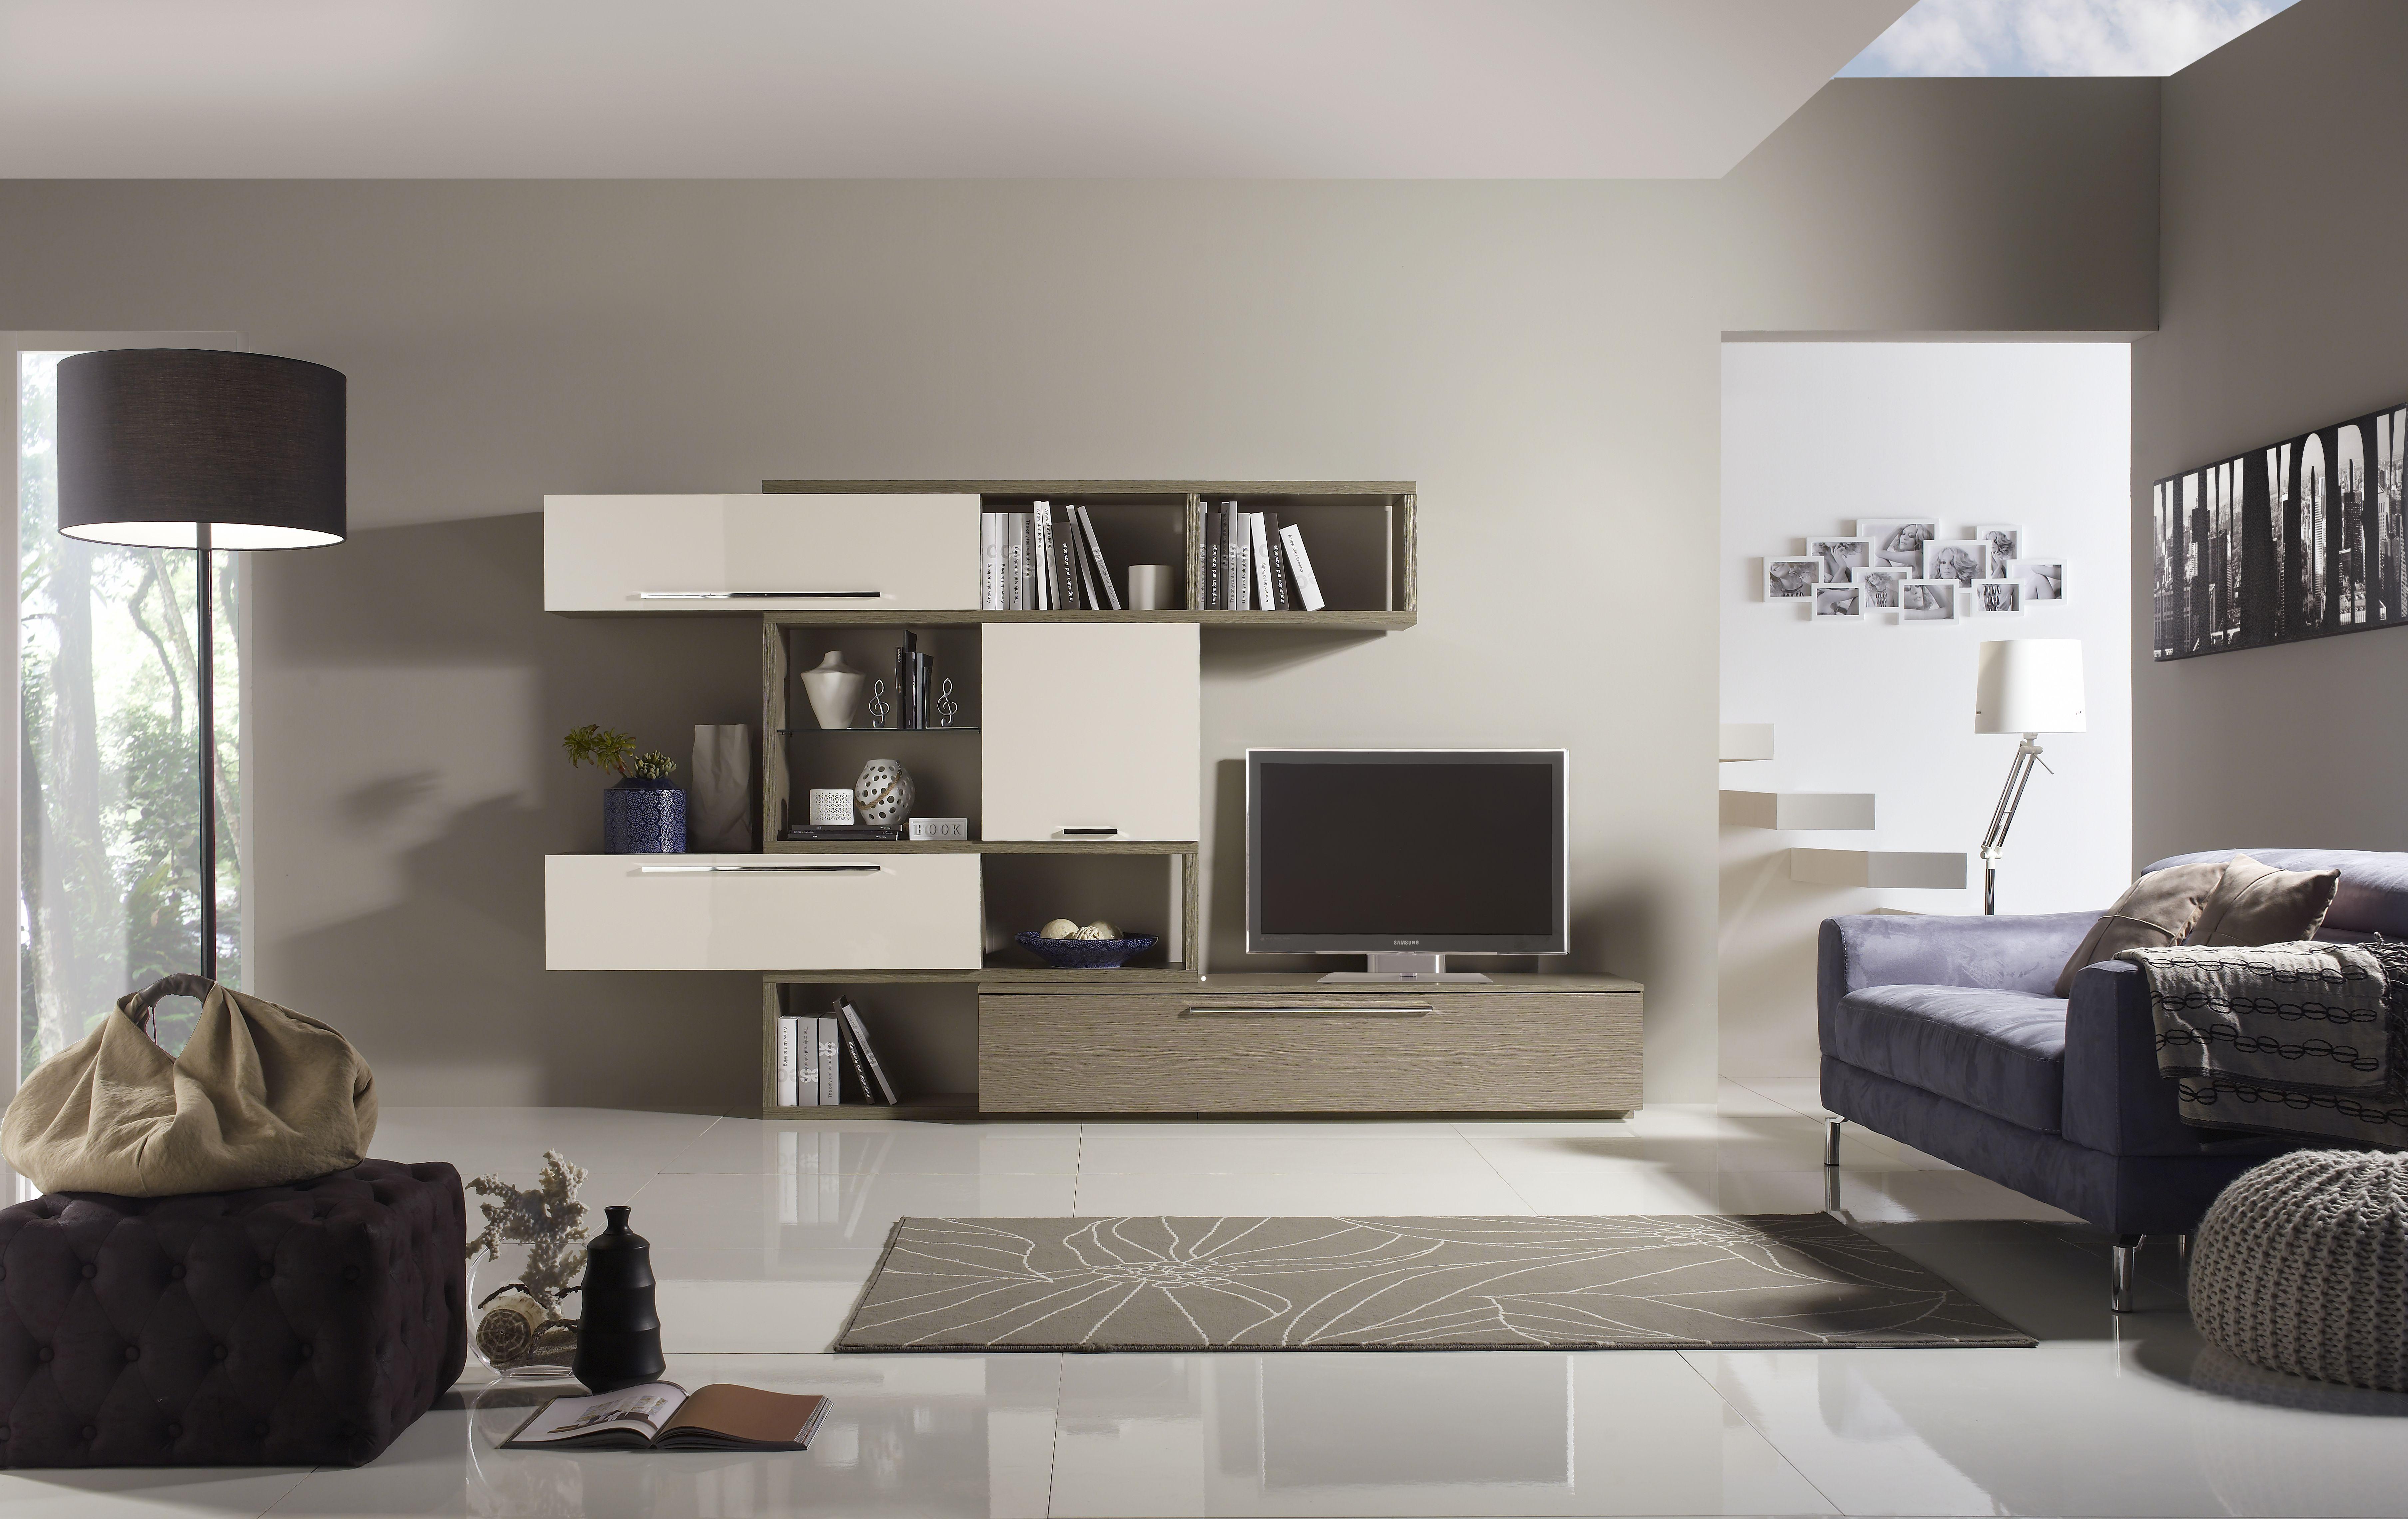 Parete Attrezzata Tortora E Bianco soggiorni moderni color tortora: soggiorno larice lucido